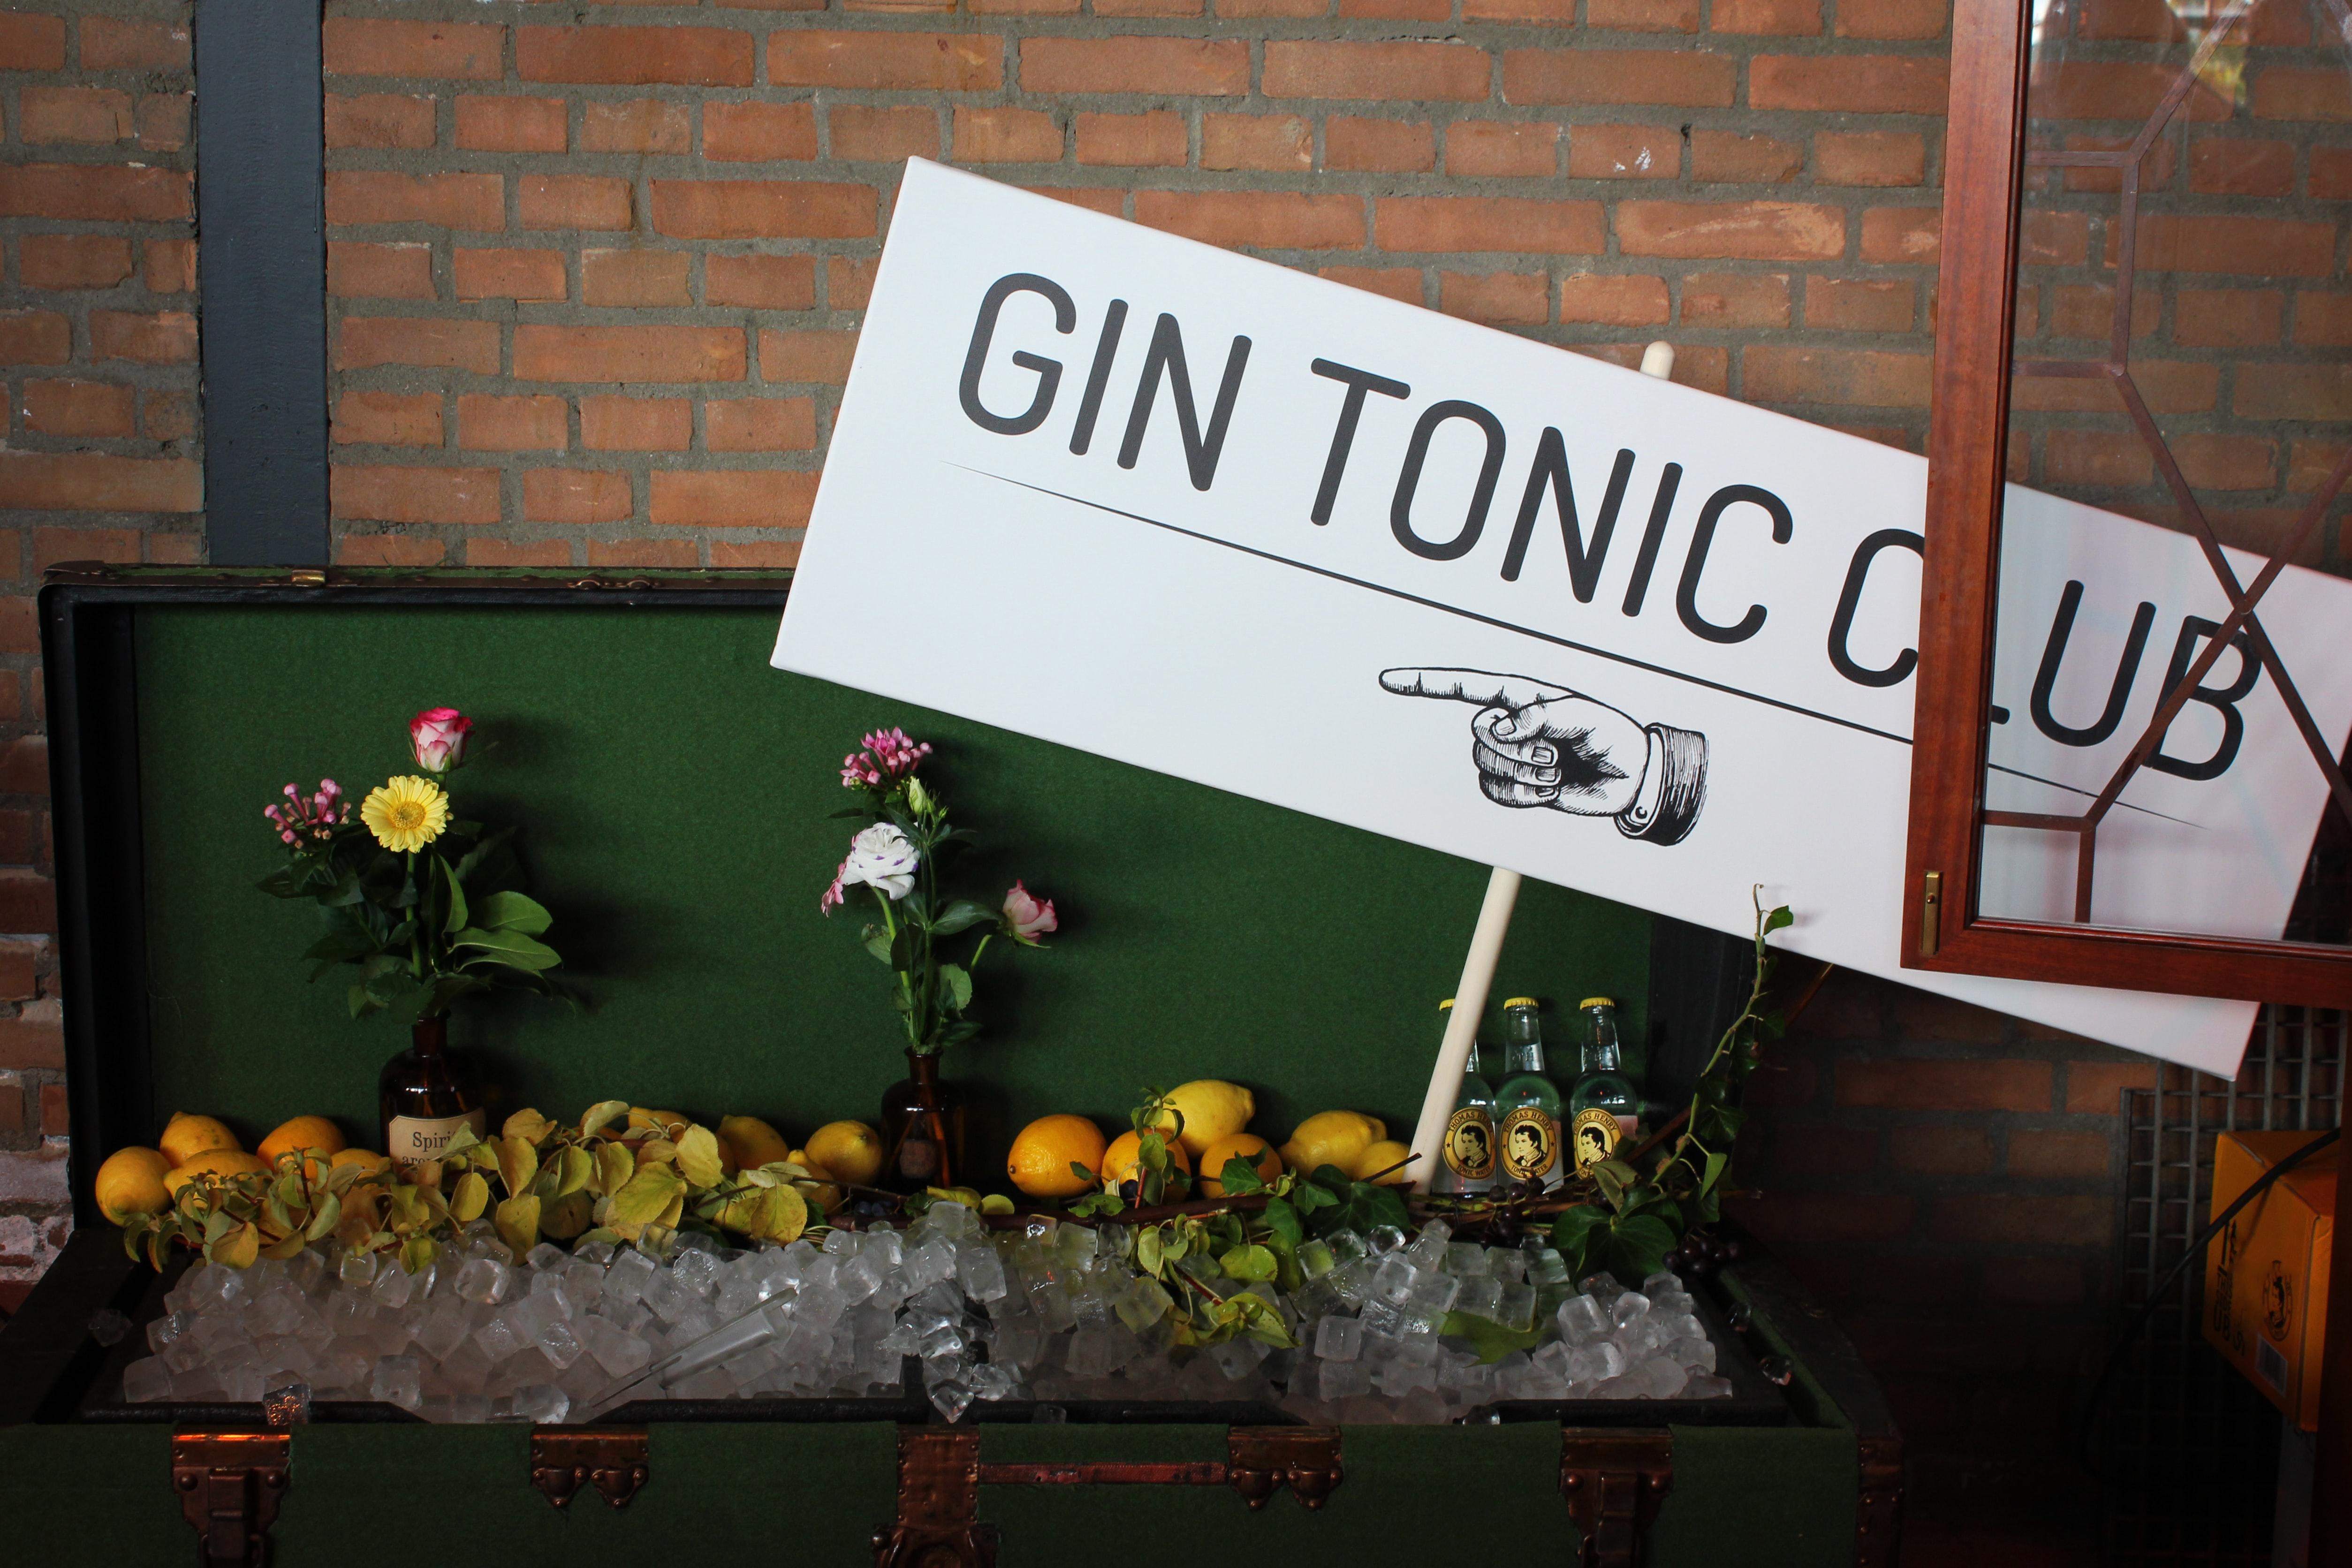 Gin tonic club